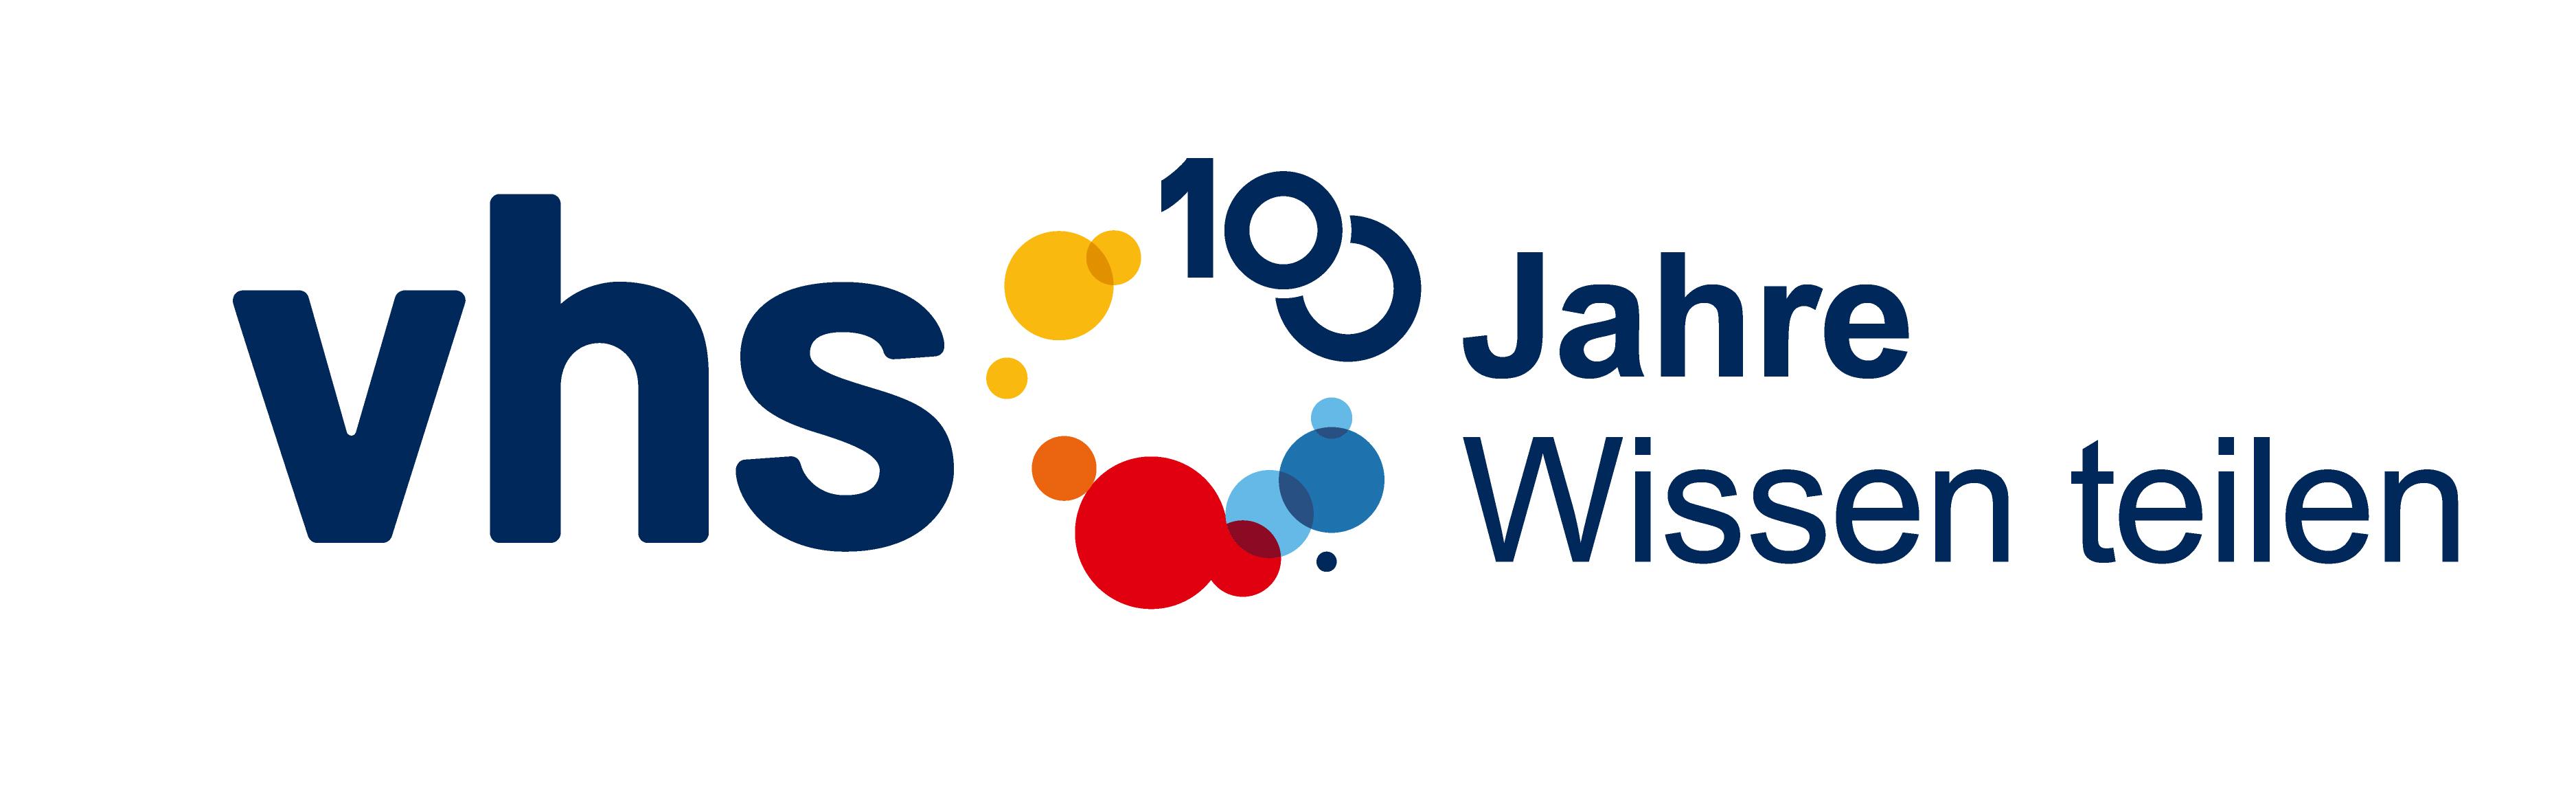 100 Jahre vhs Logo